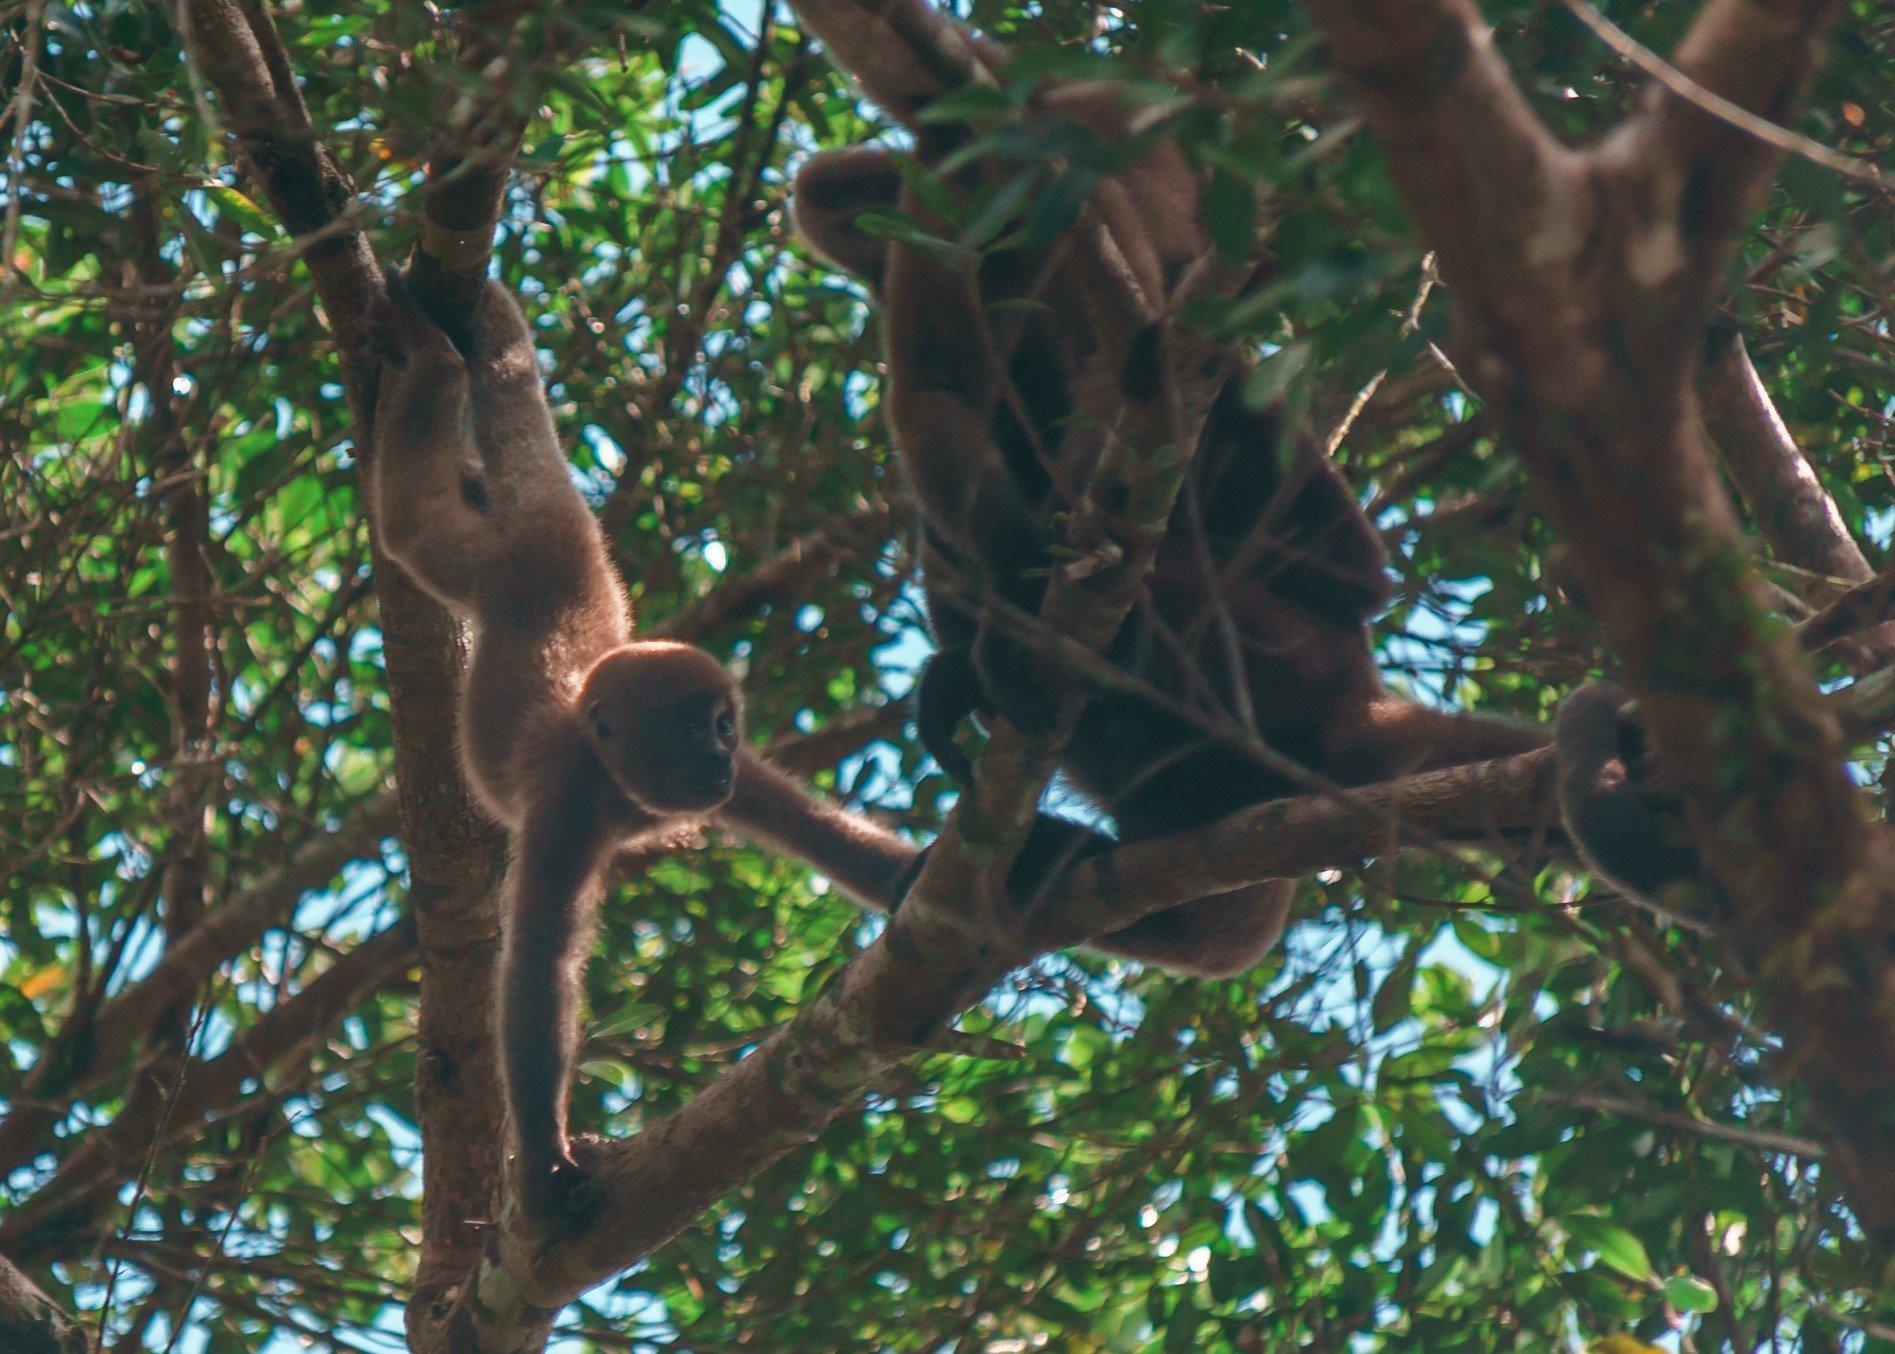 Red Faced Monkey In The Ecuador Amazon